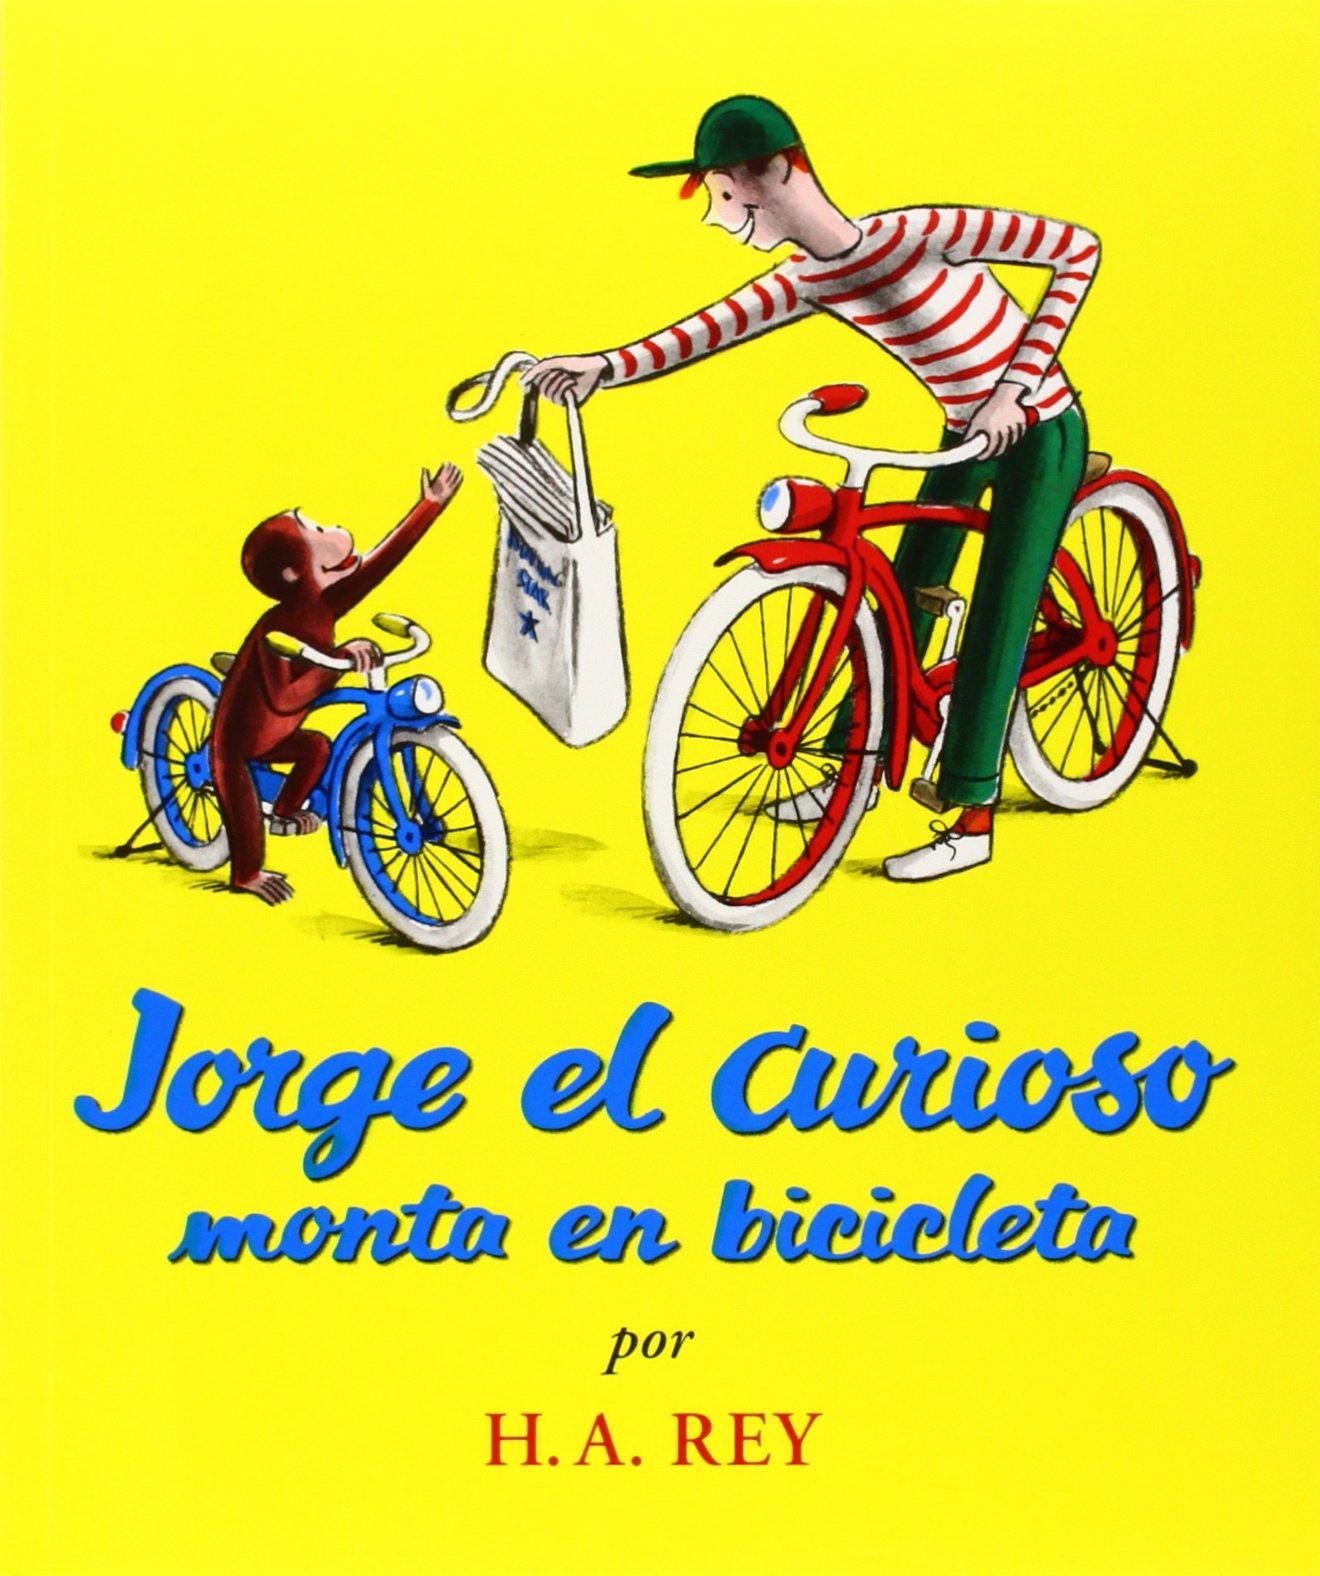 Jorge el Curioso Monta en Bicicleta (Curious George): Amazon.es ...